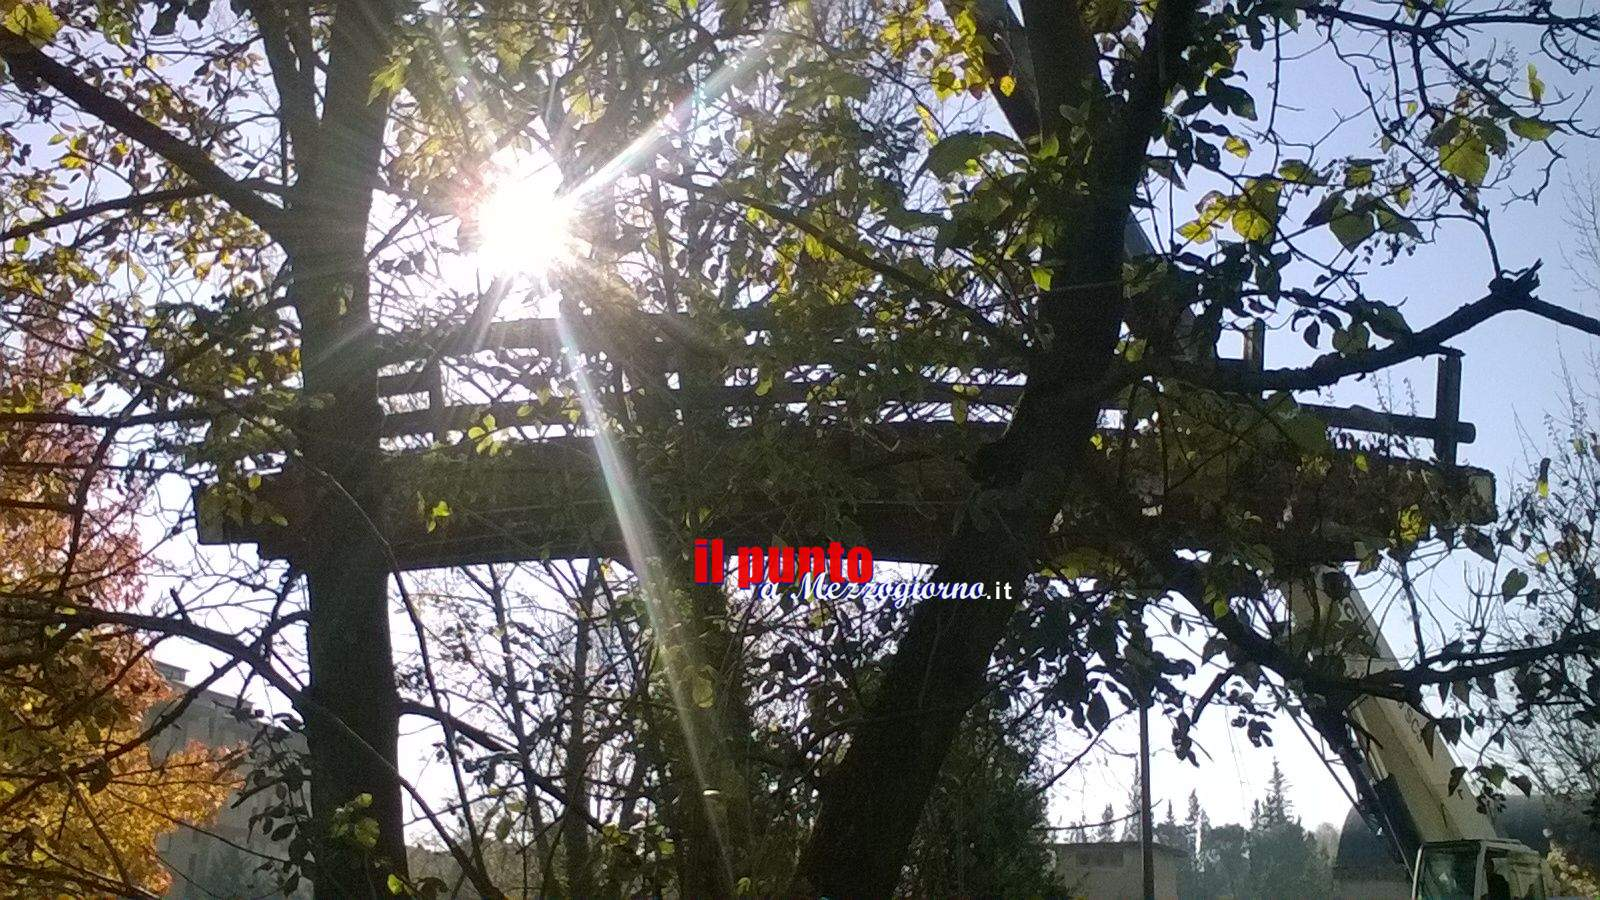 Iniziati lavori manutenzione al ponte in legno nella villa comunale